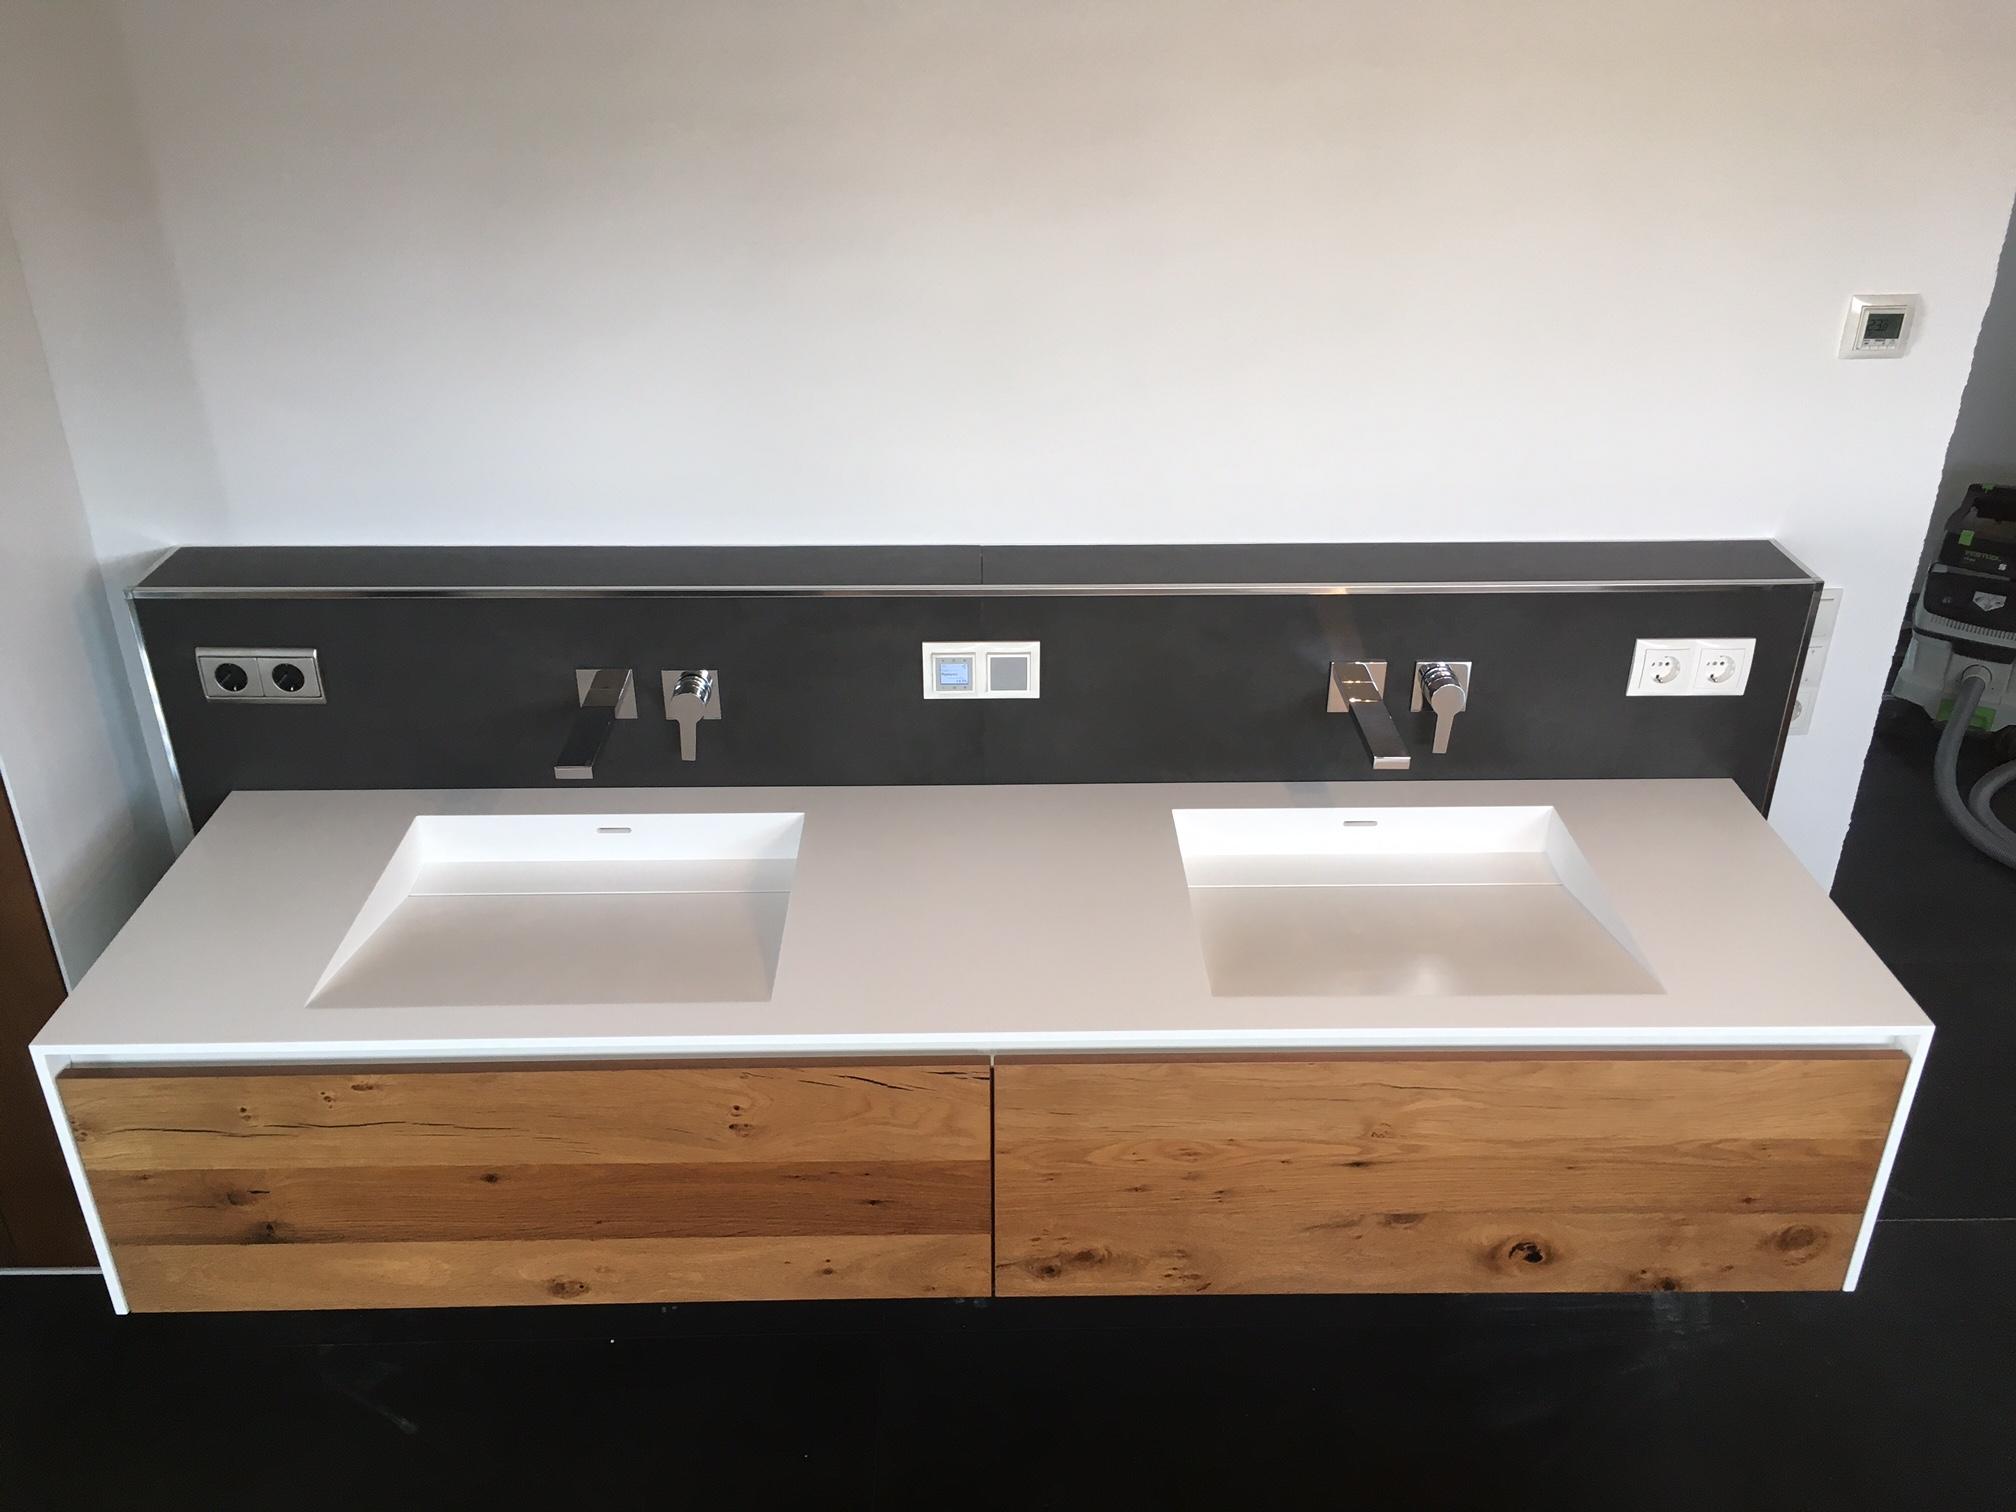 waschtisch aus mineralwerkstoff unterschrank aus eiche altholz singer schreinerei. Black Bedroom Furniture Sets. Home Design Ideas